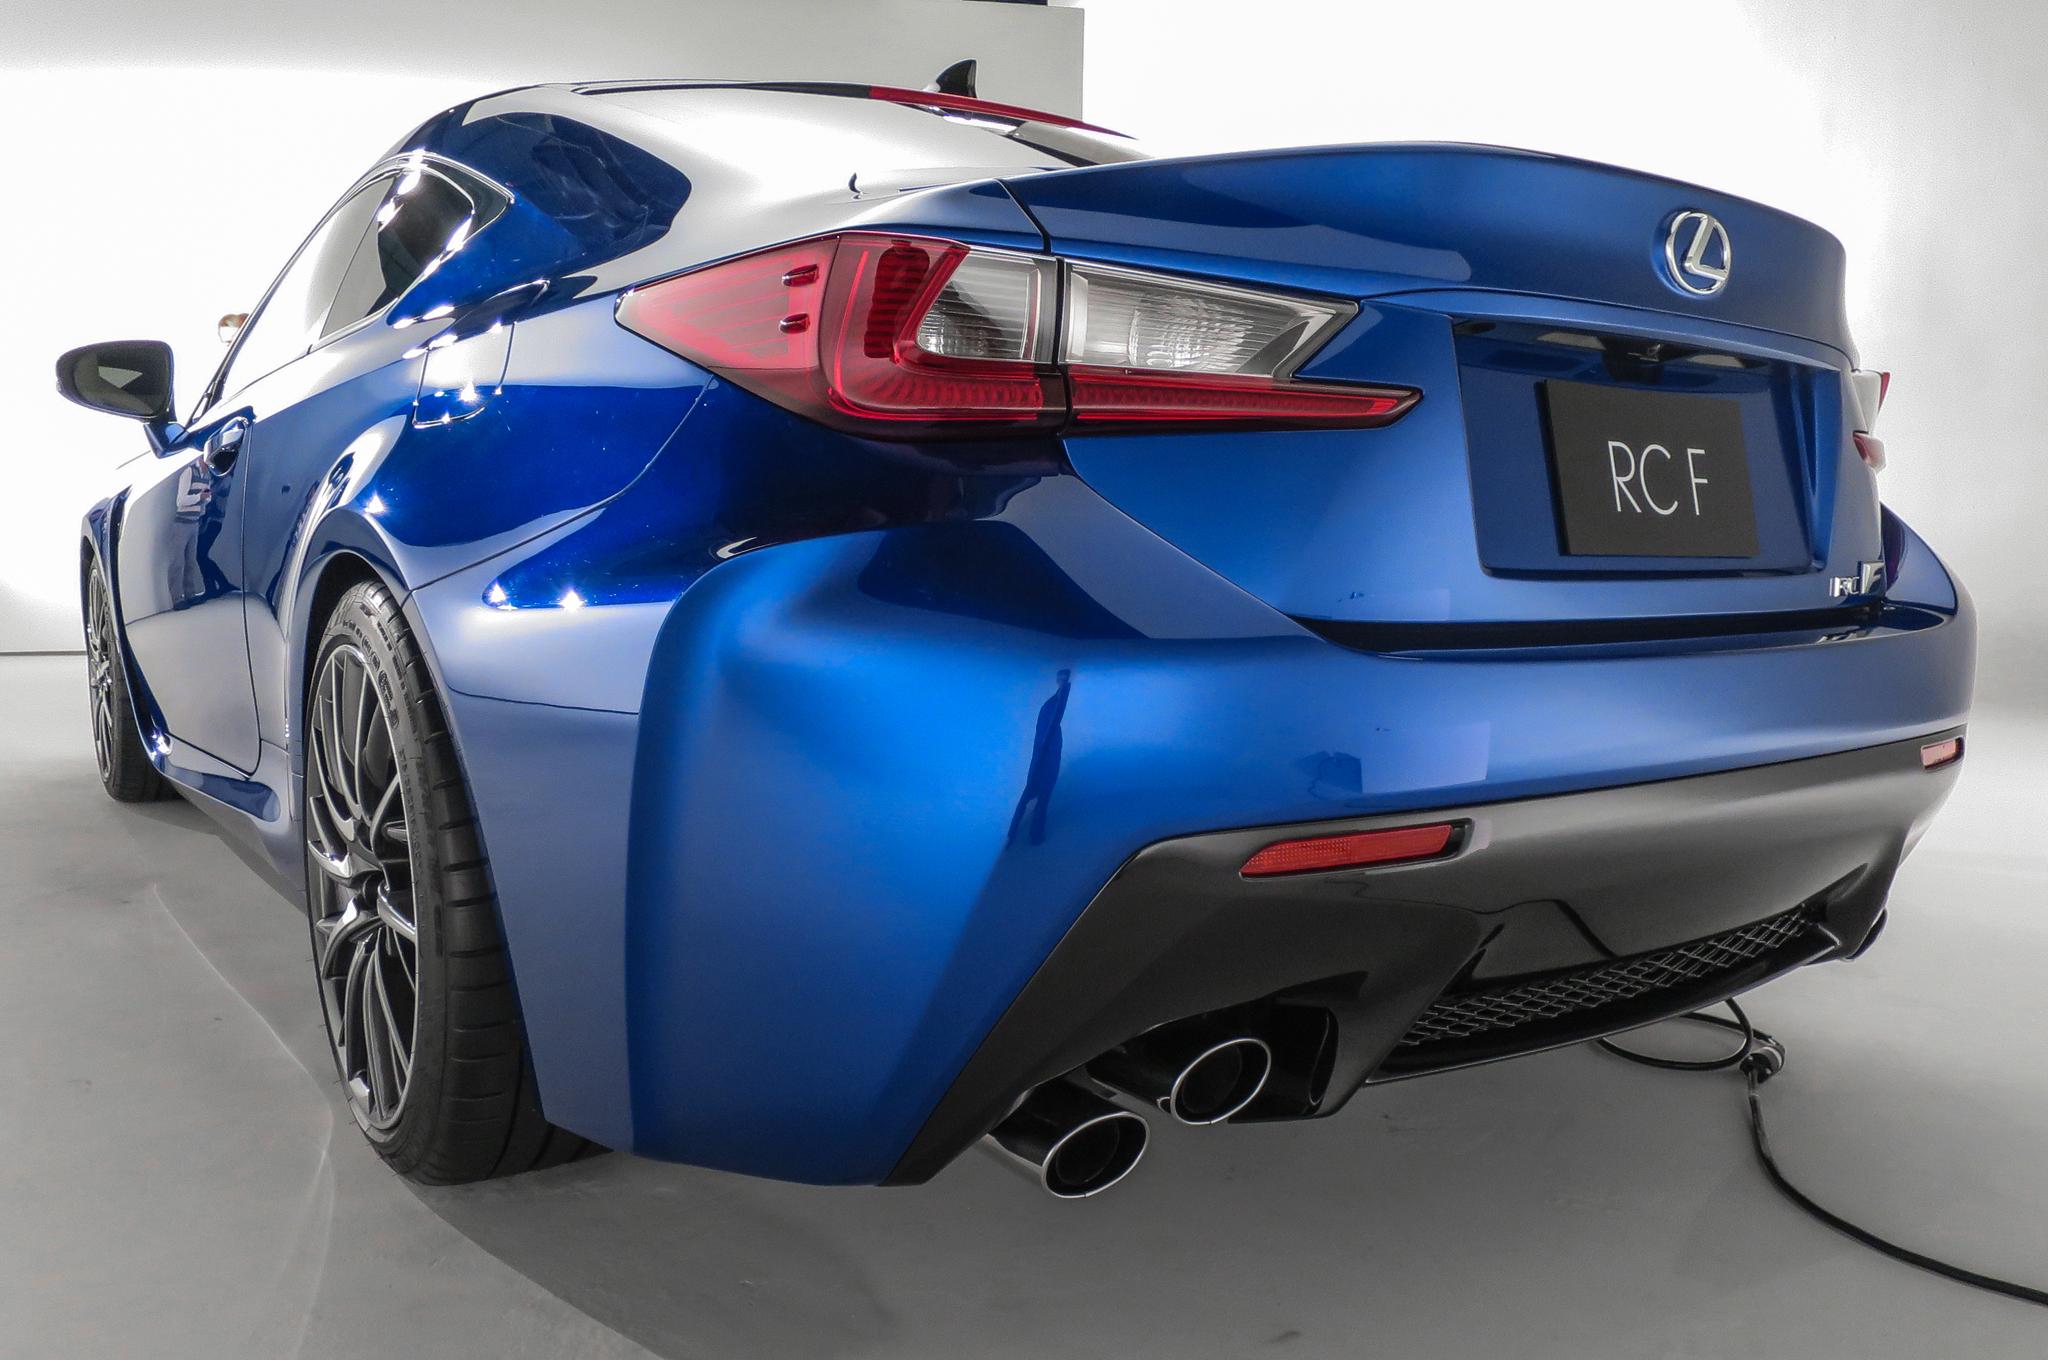 2015 lexus rc-f rear